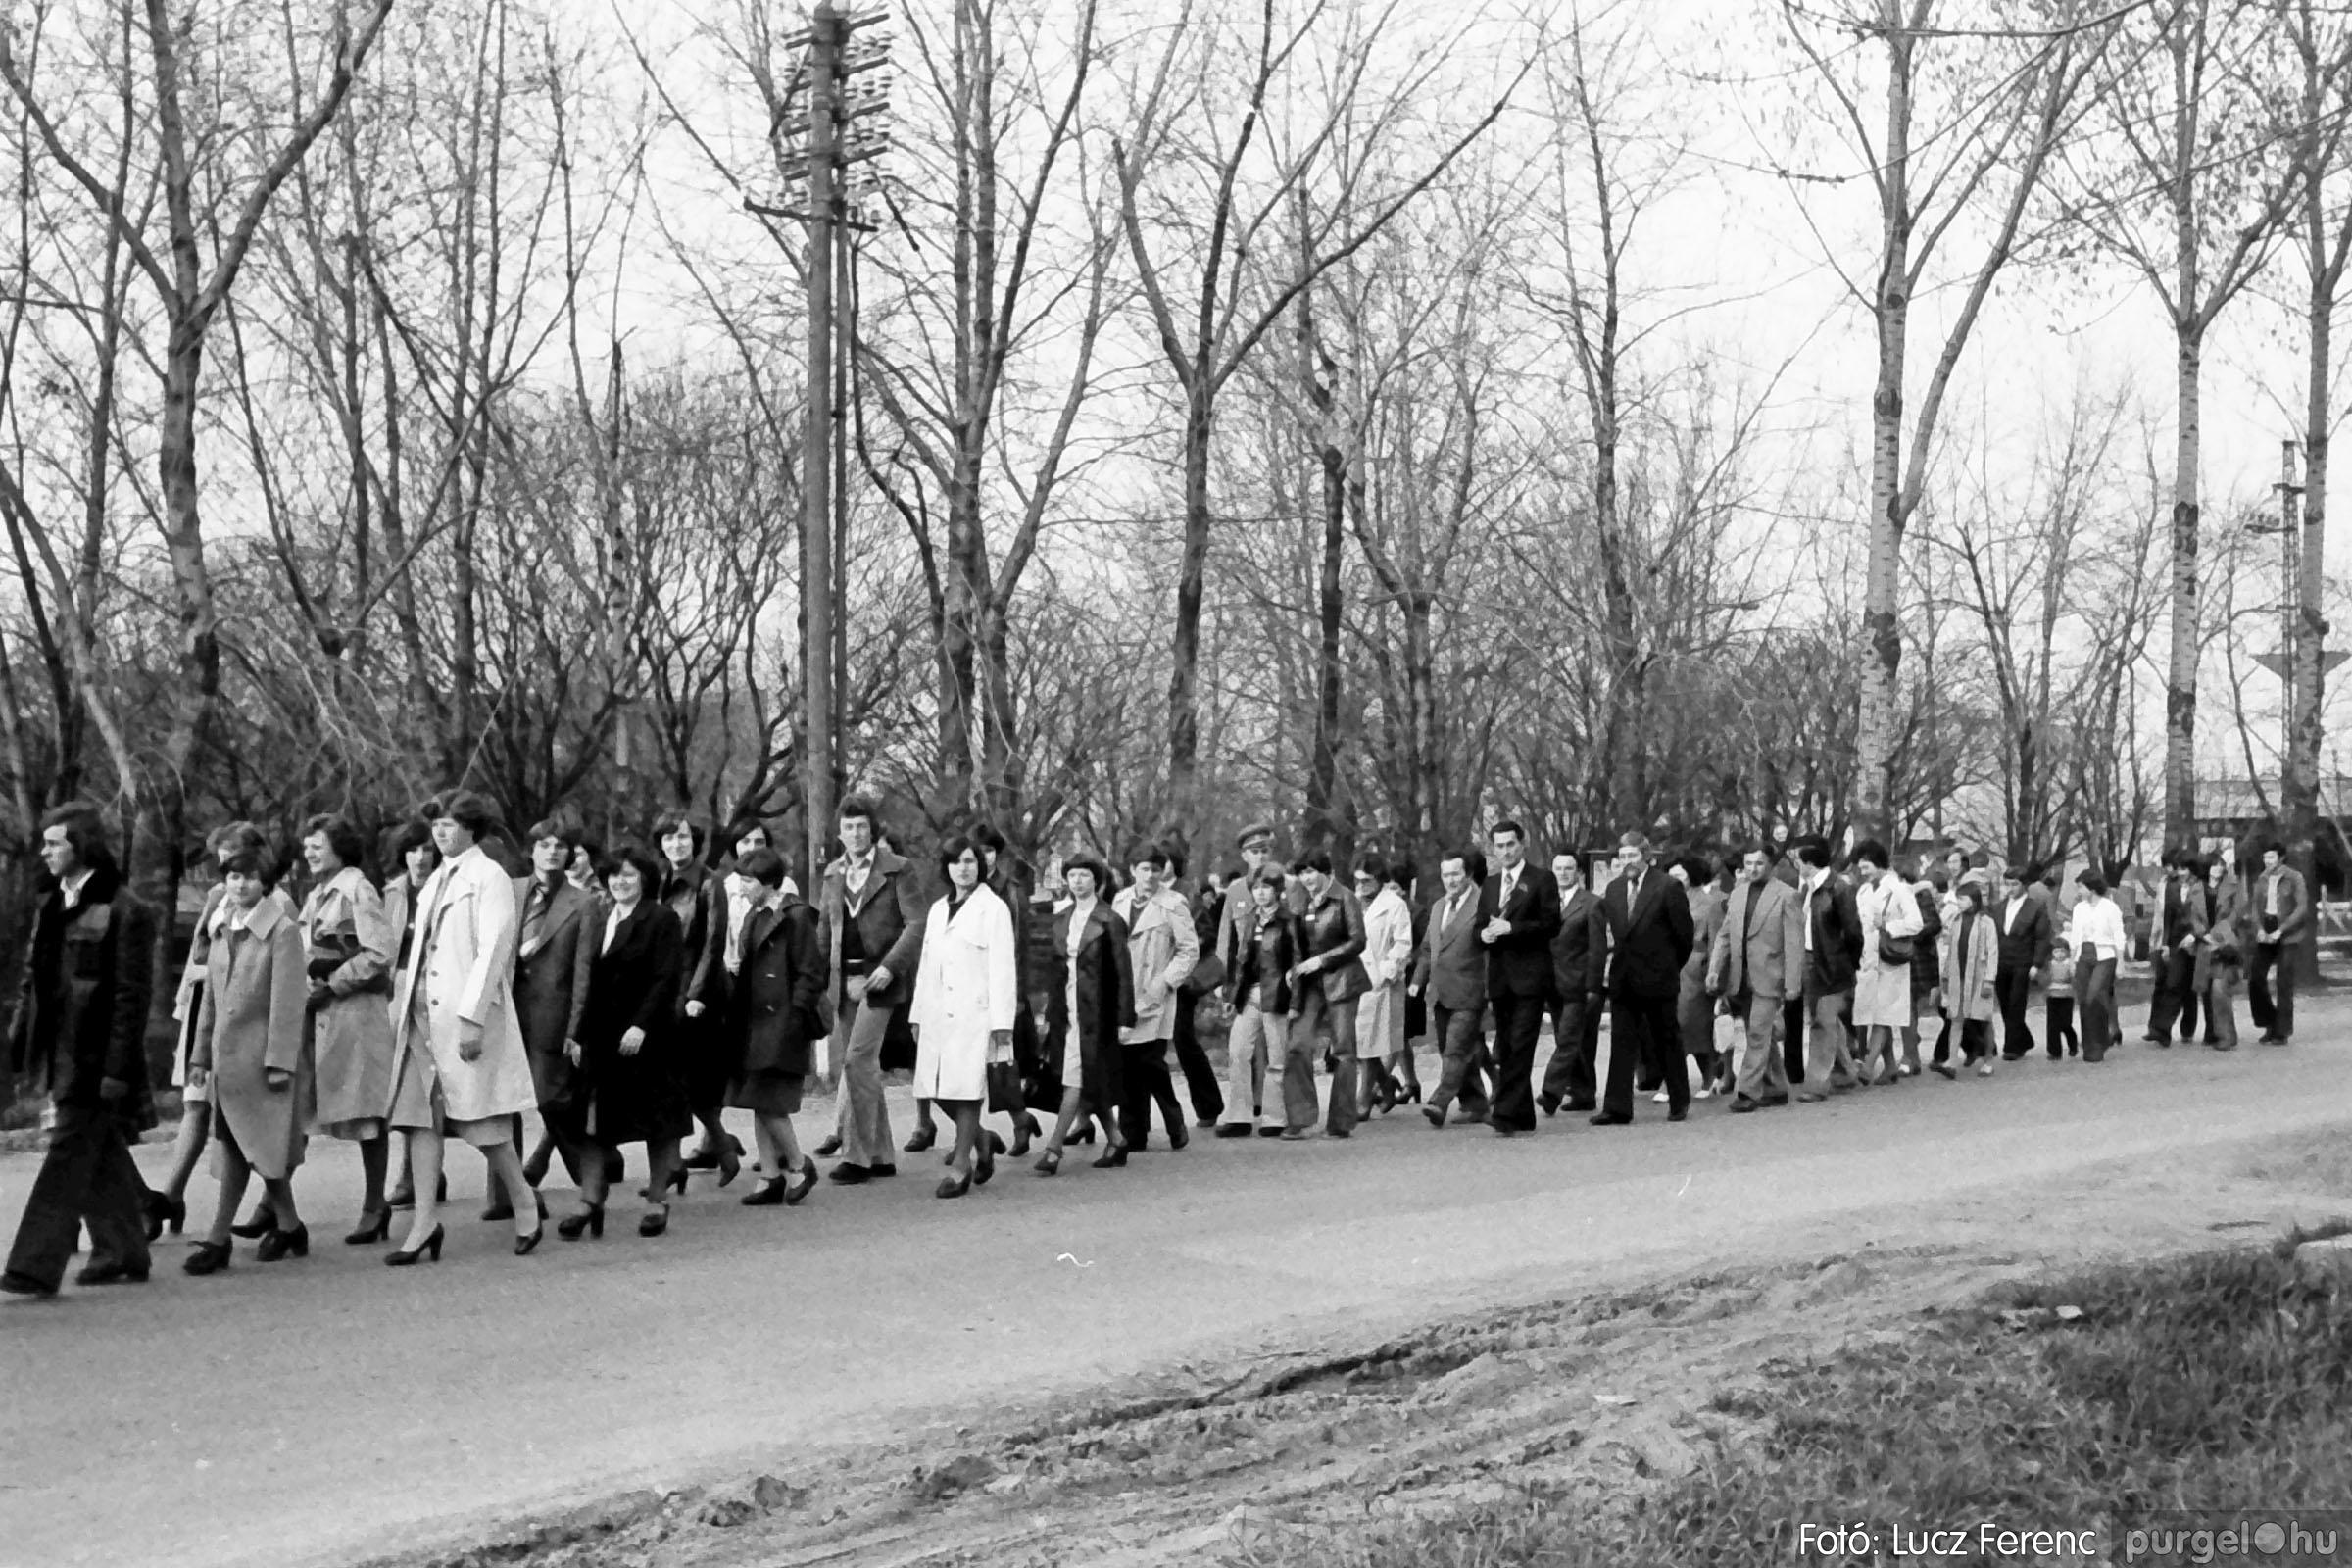 109. 1978. Április 4-i ünnepségek 009. - Fotó: Lucz Ferenc.jpg